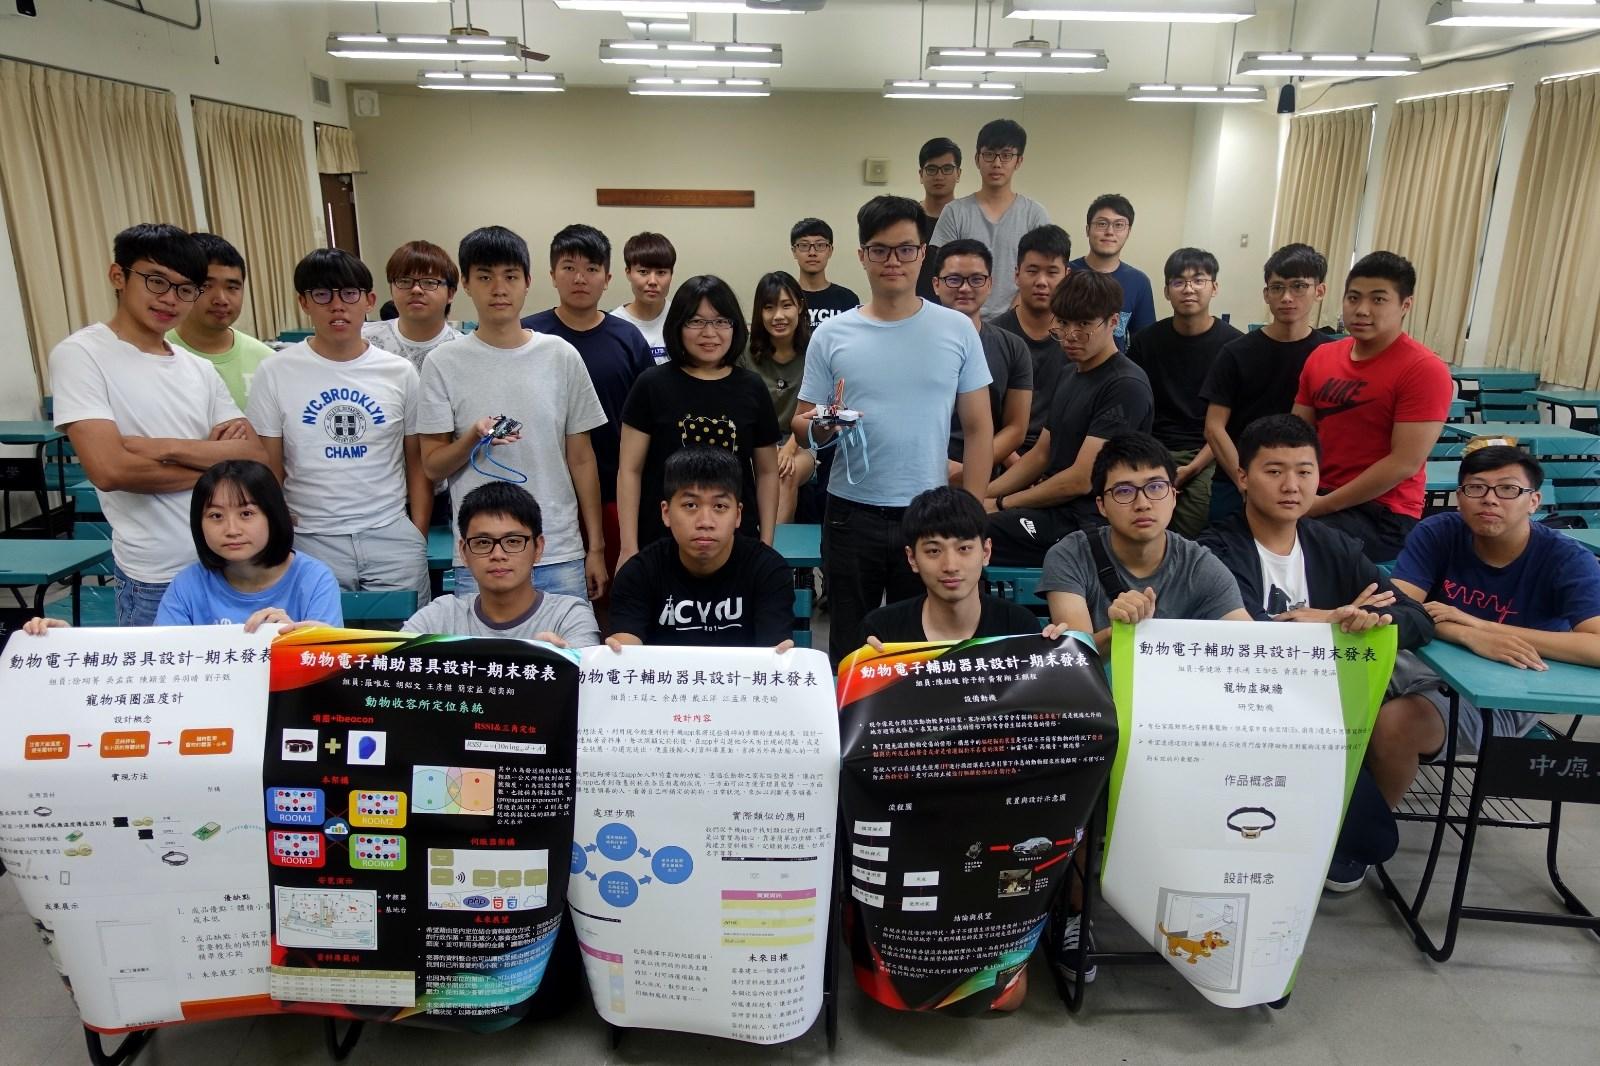 中原大學「動物電子輔助器具設計」課程,由涂維珍老師(第二排中)帶領,鼓勵學生發揮創意與所學.jpg